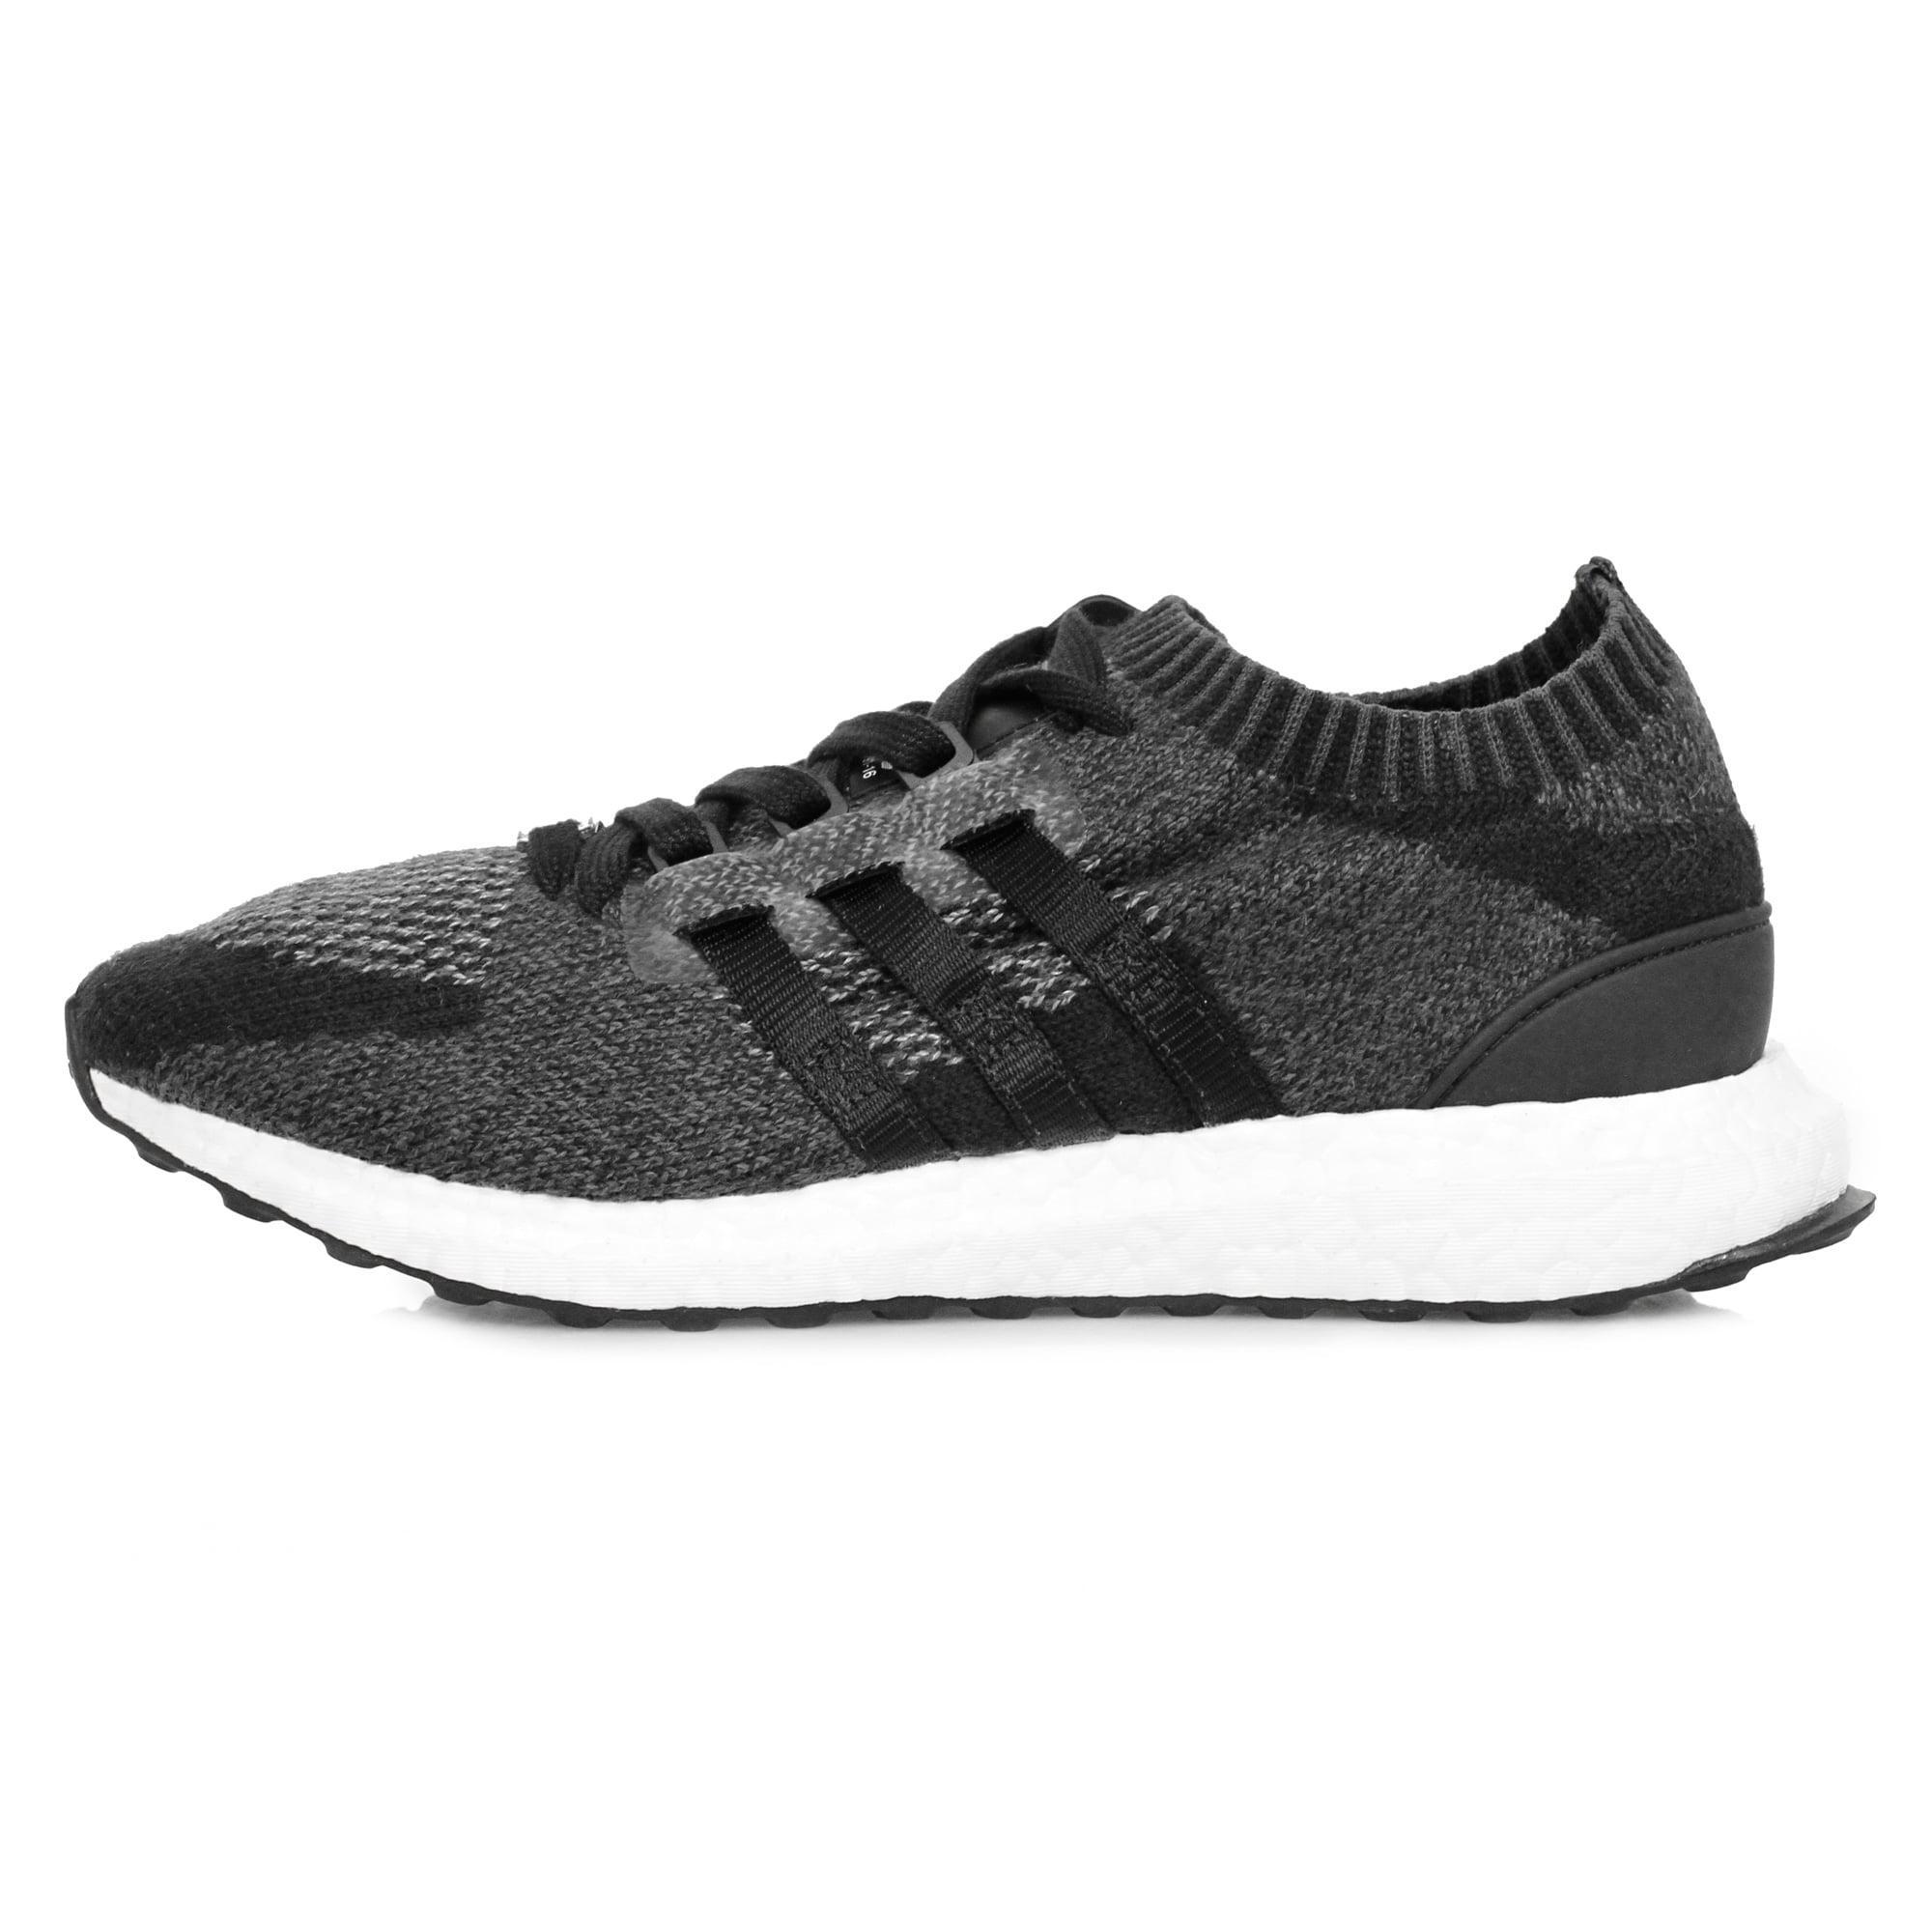 adidas Originals Wool Eqt Support Ultra Pk Black Shoe for Men